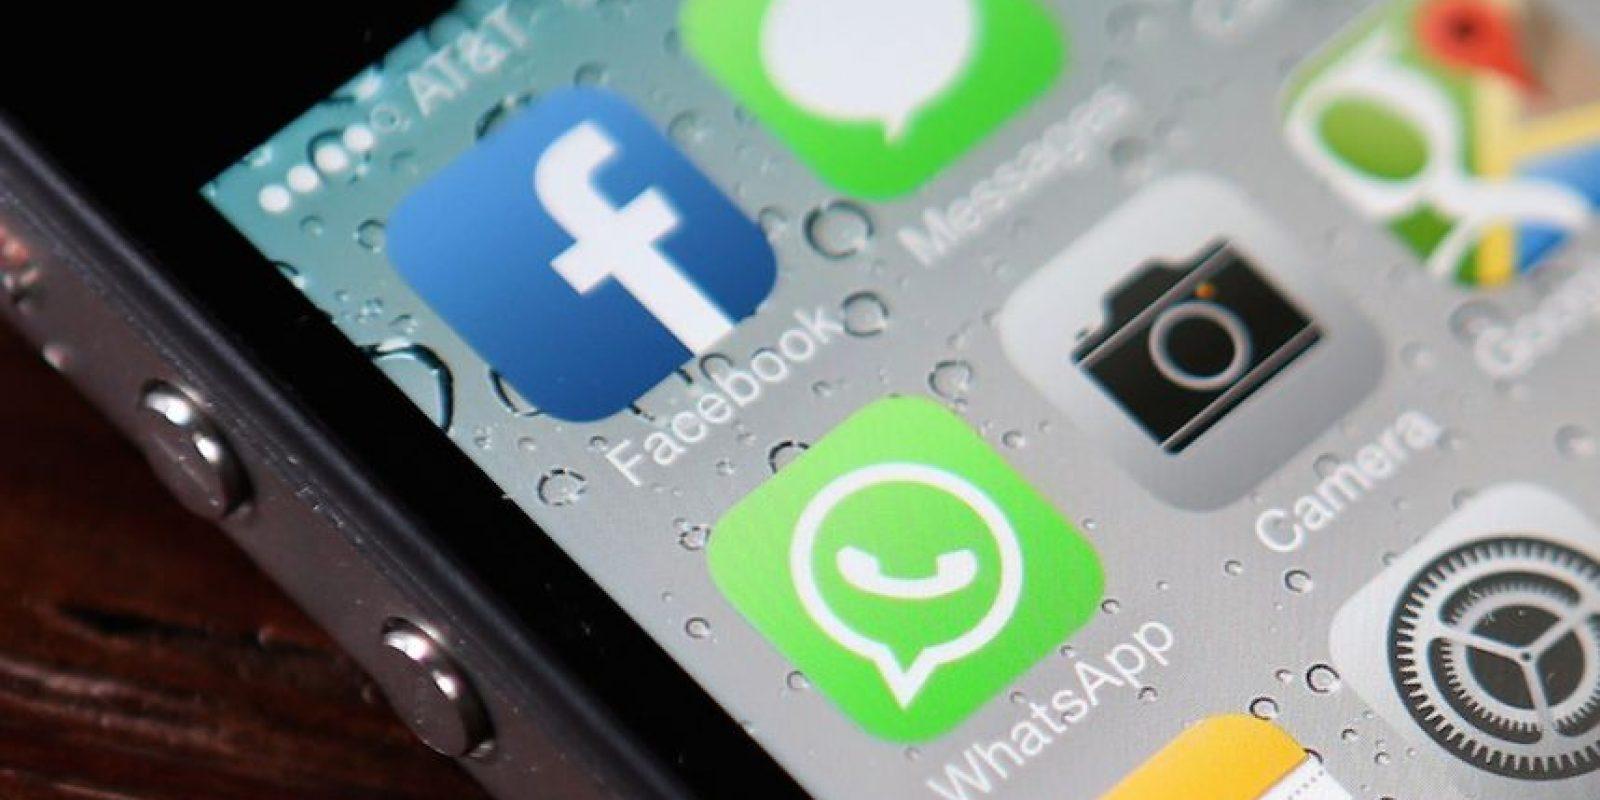 WhatsApp PC únicamente estará disponible para Android, BlackBerry, Windows Phone y BB10. Foto:Getty Images